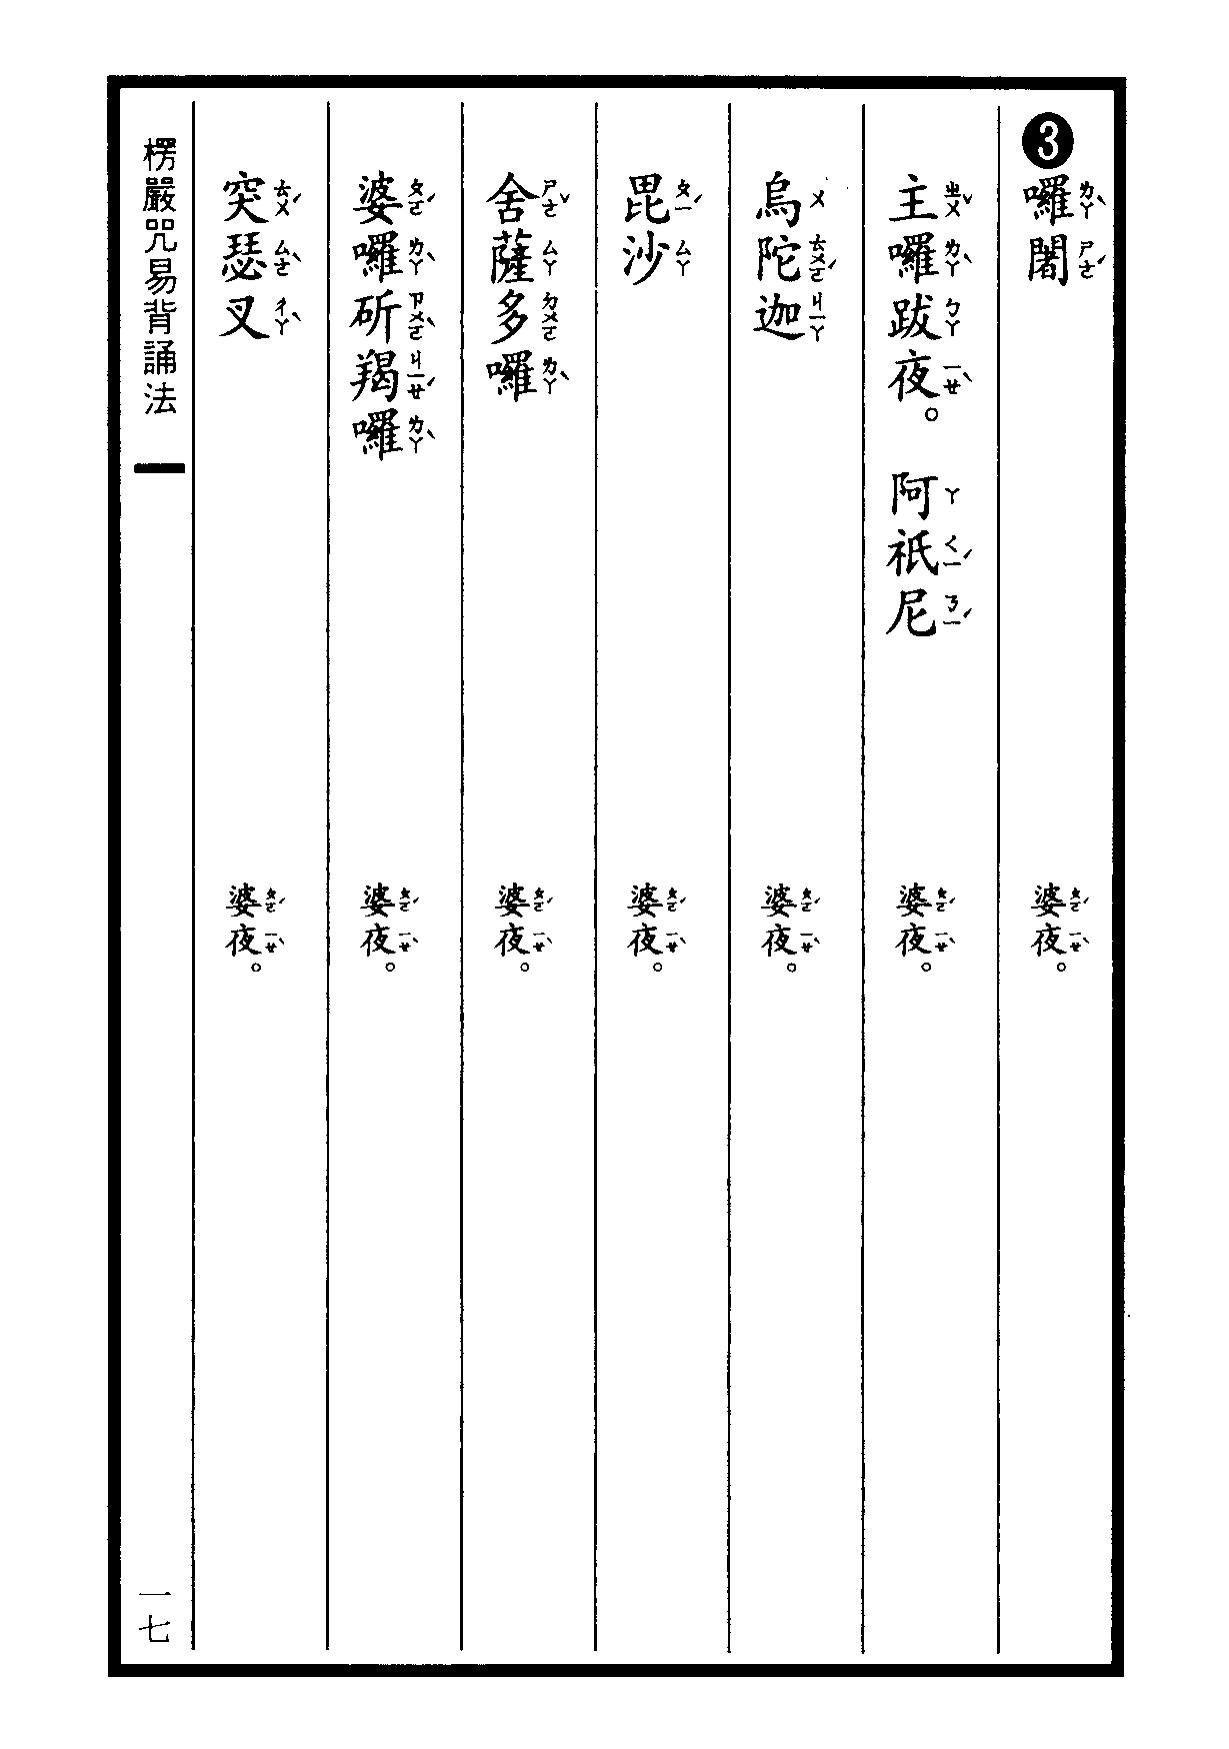 楞嚴咒-大悲咒-十小咒-易背本 23.png